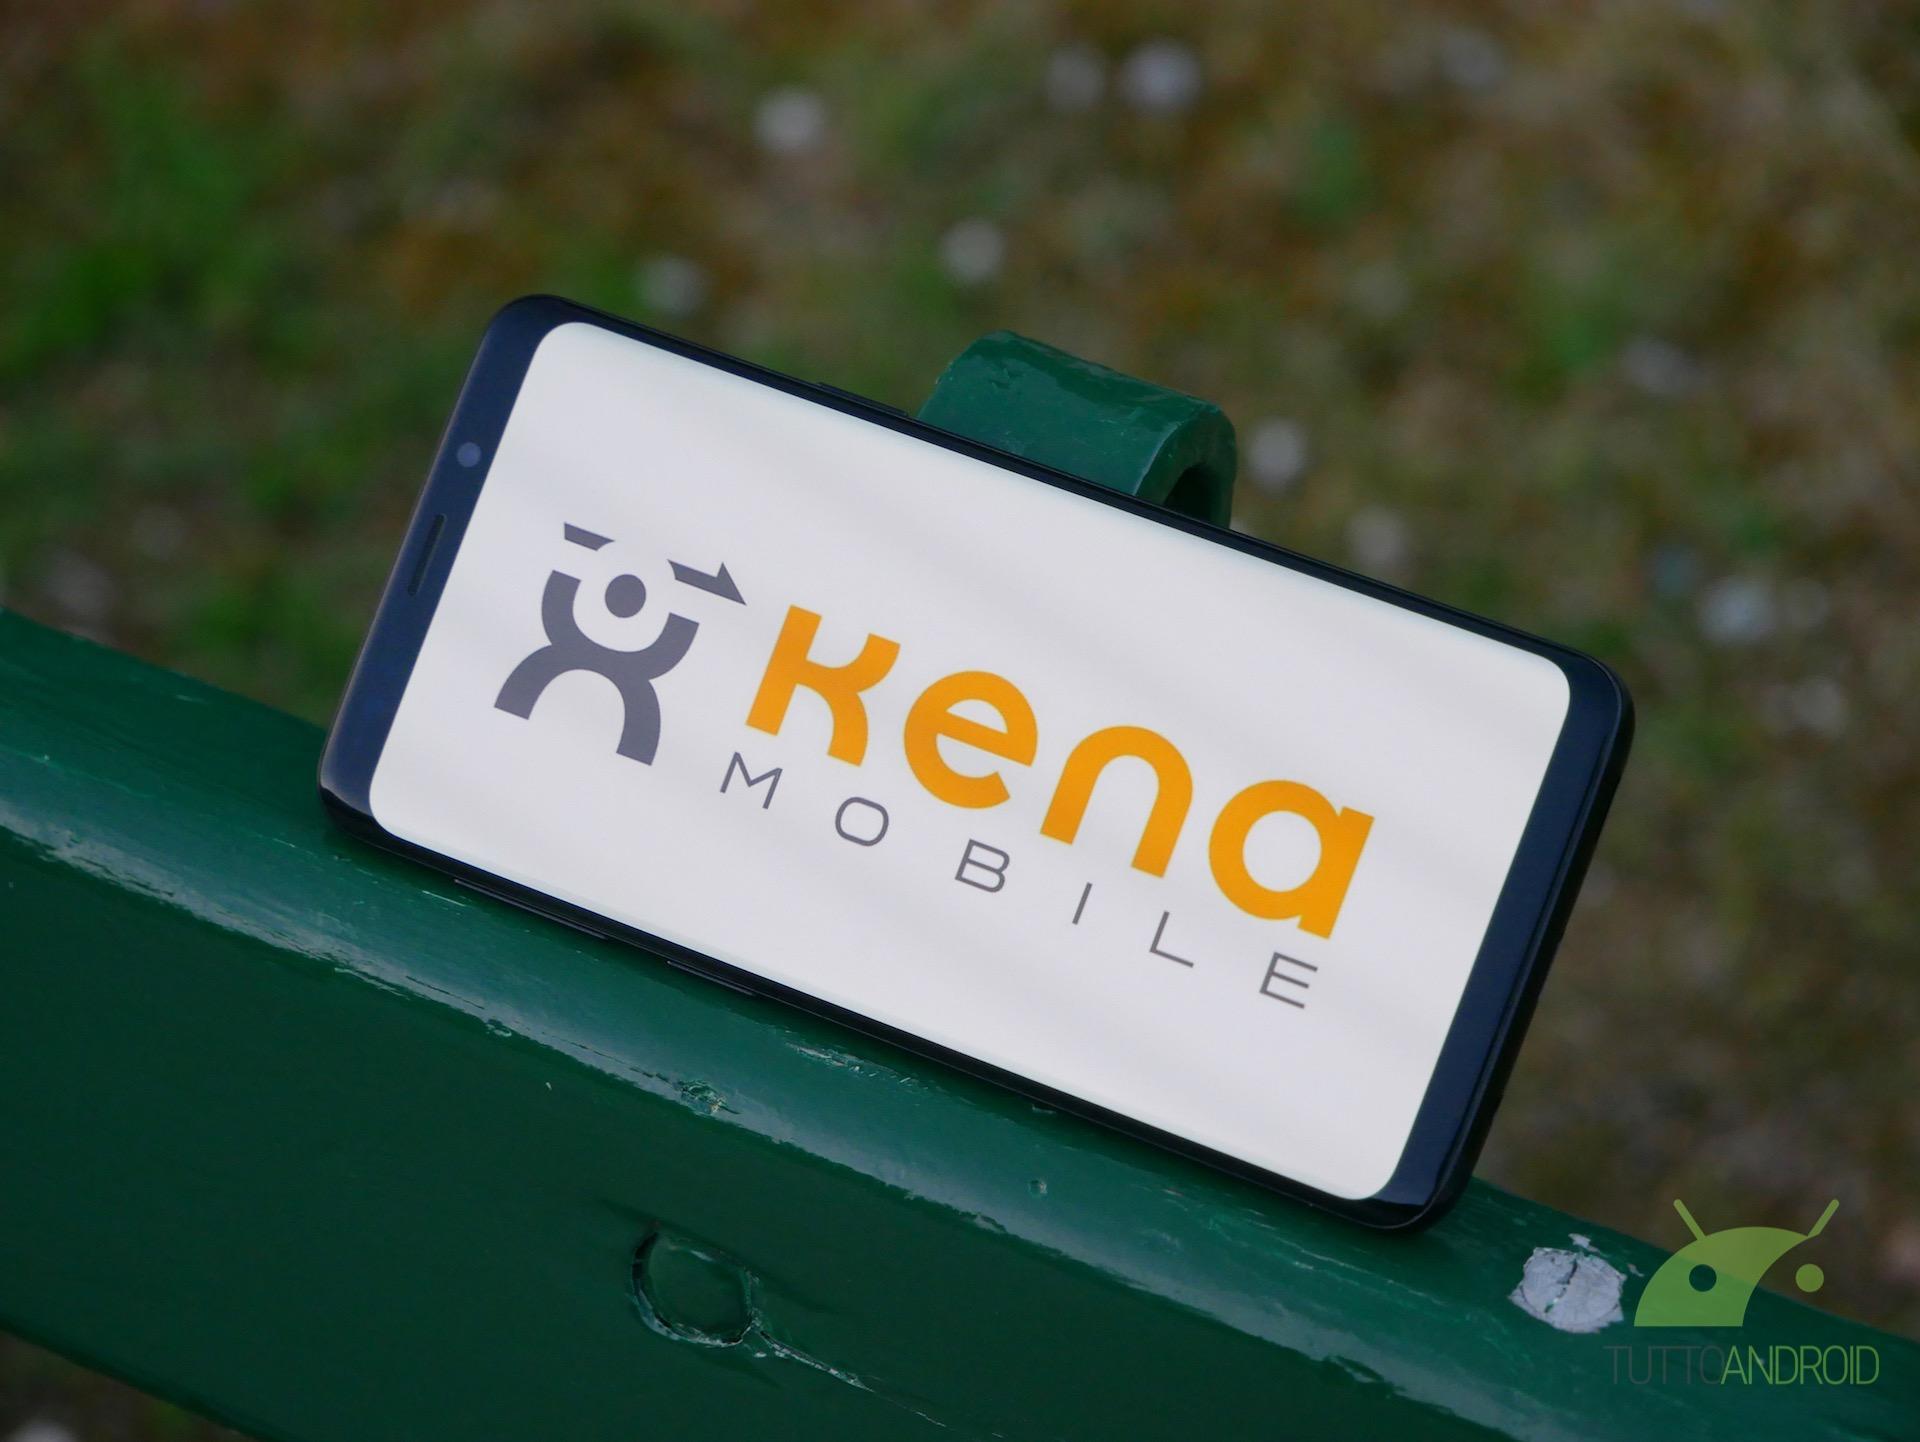 Avete problemi per la ricezione degli SMS OTP con Kena Mobile? Non siete i soli